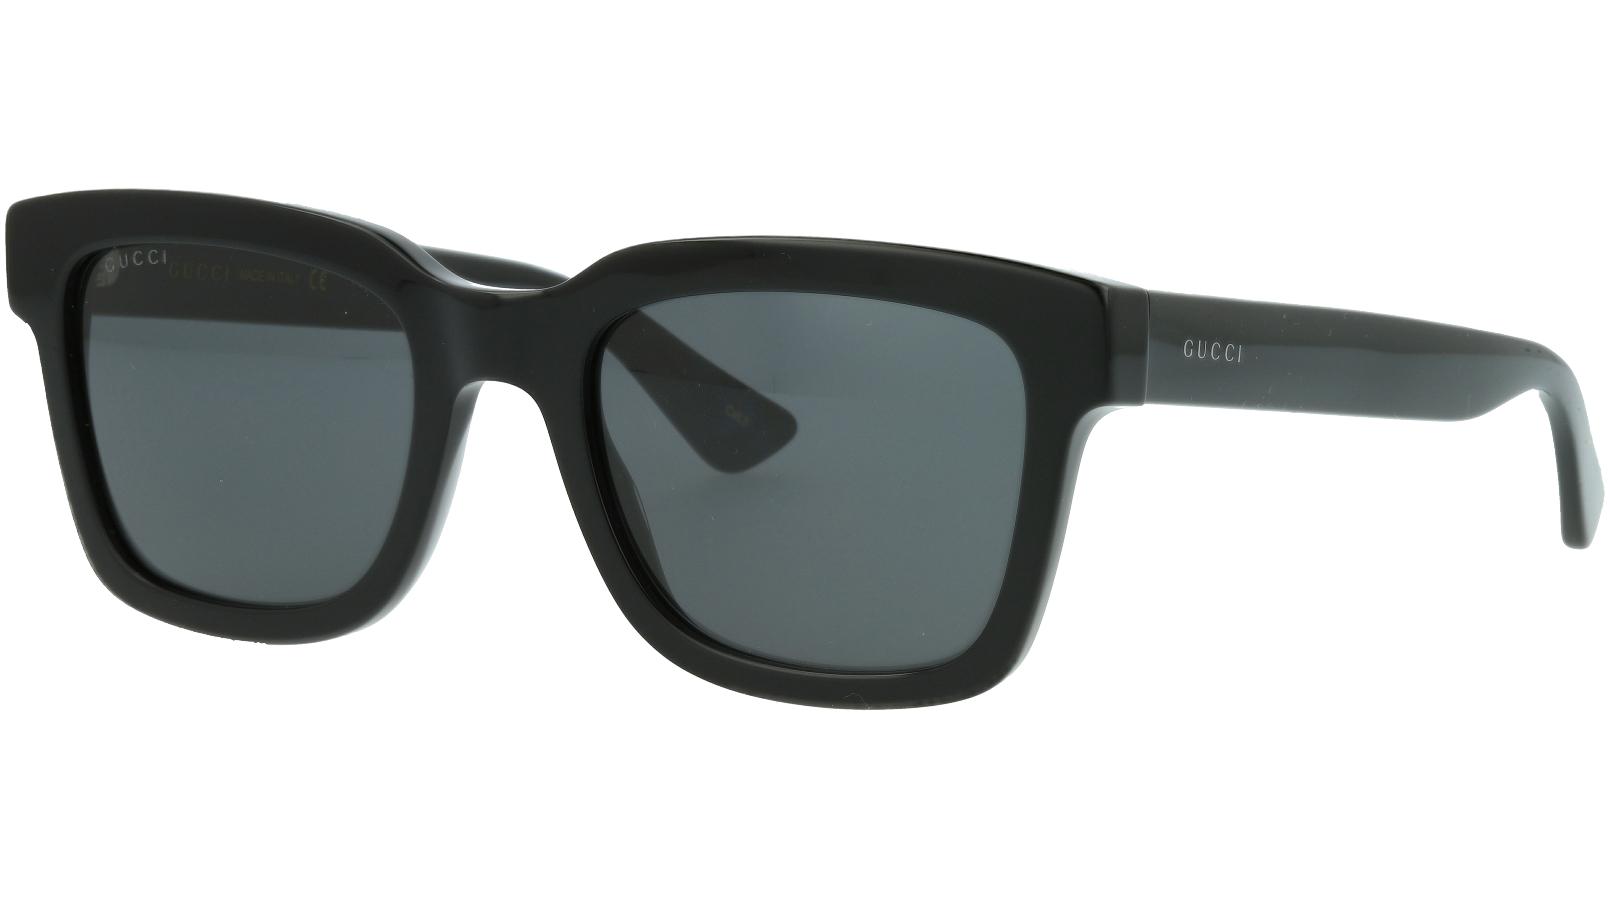 Gucci GG0001S 001 52 BLACK  Sunglasses